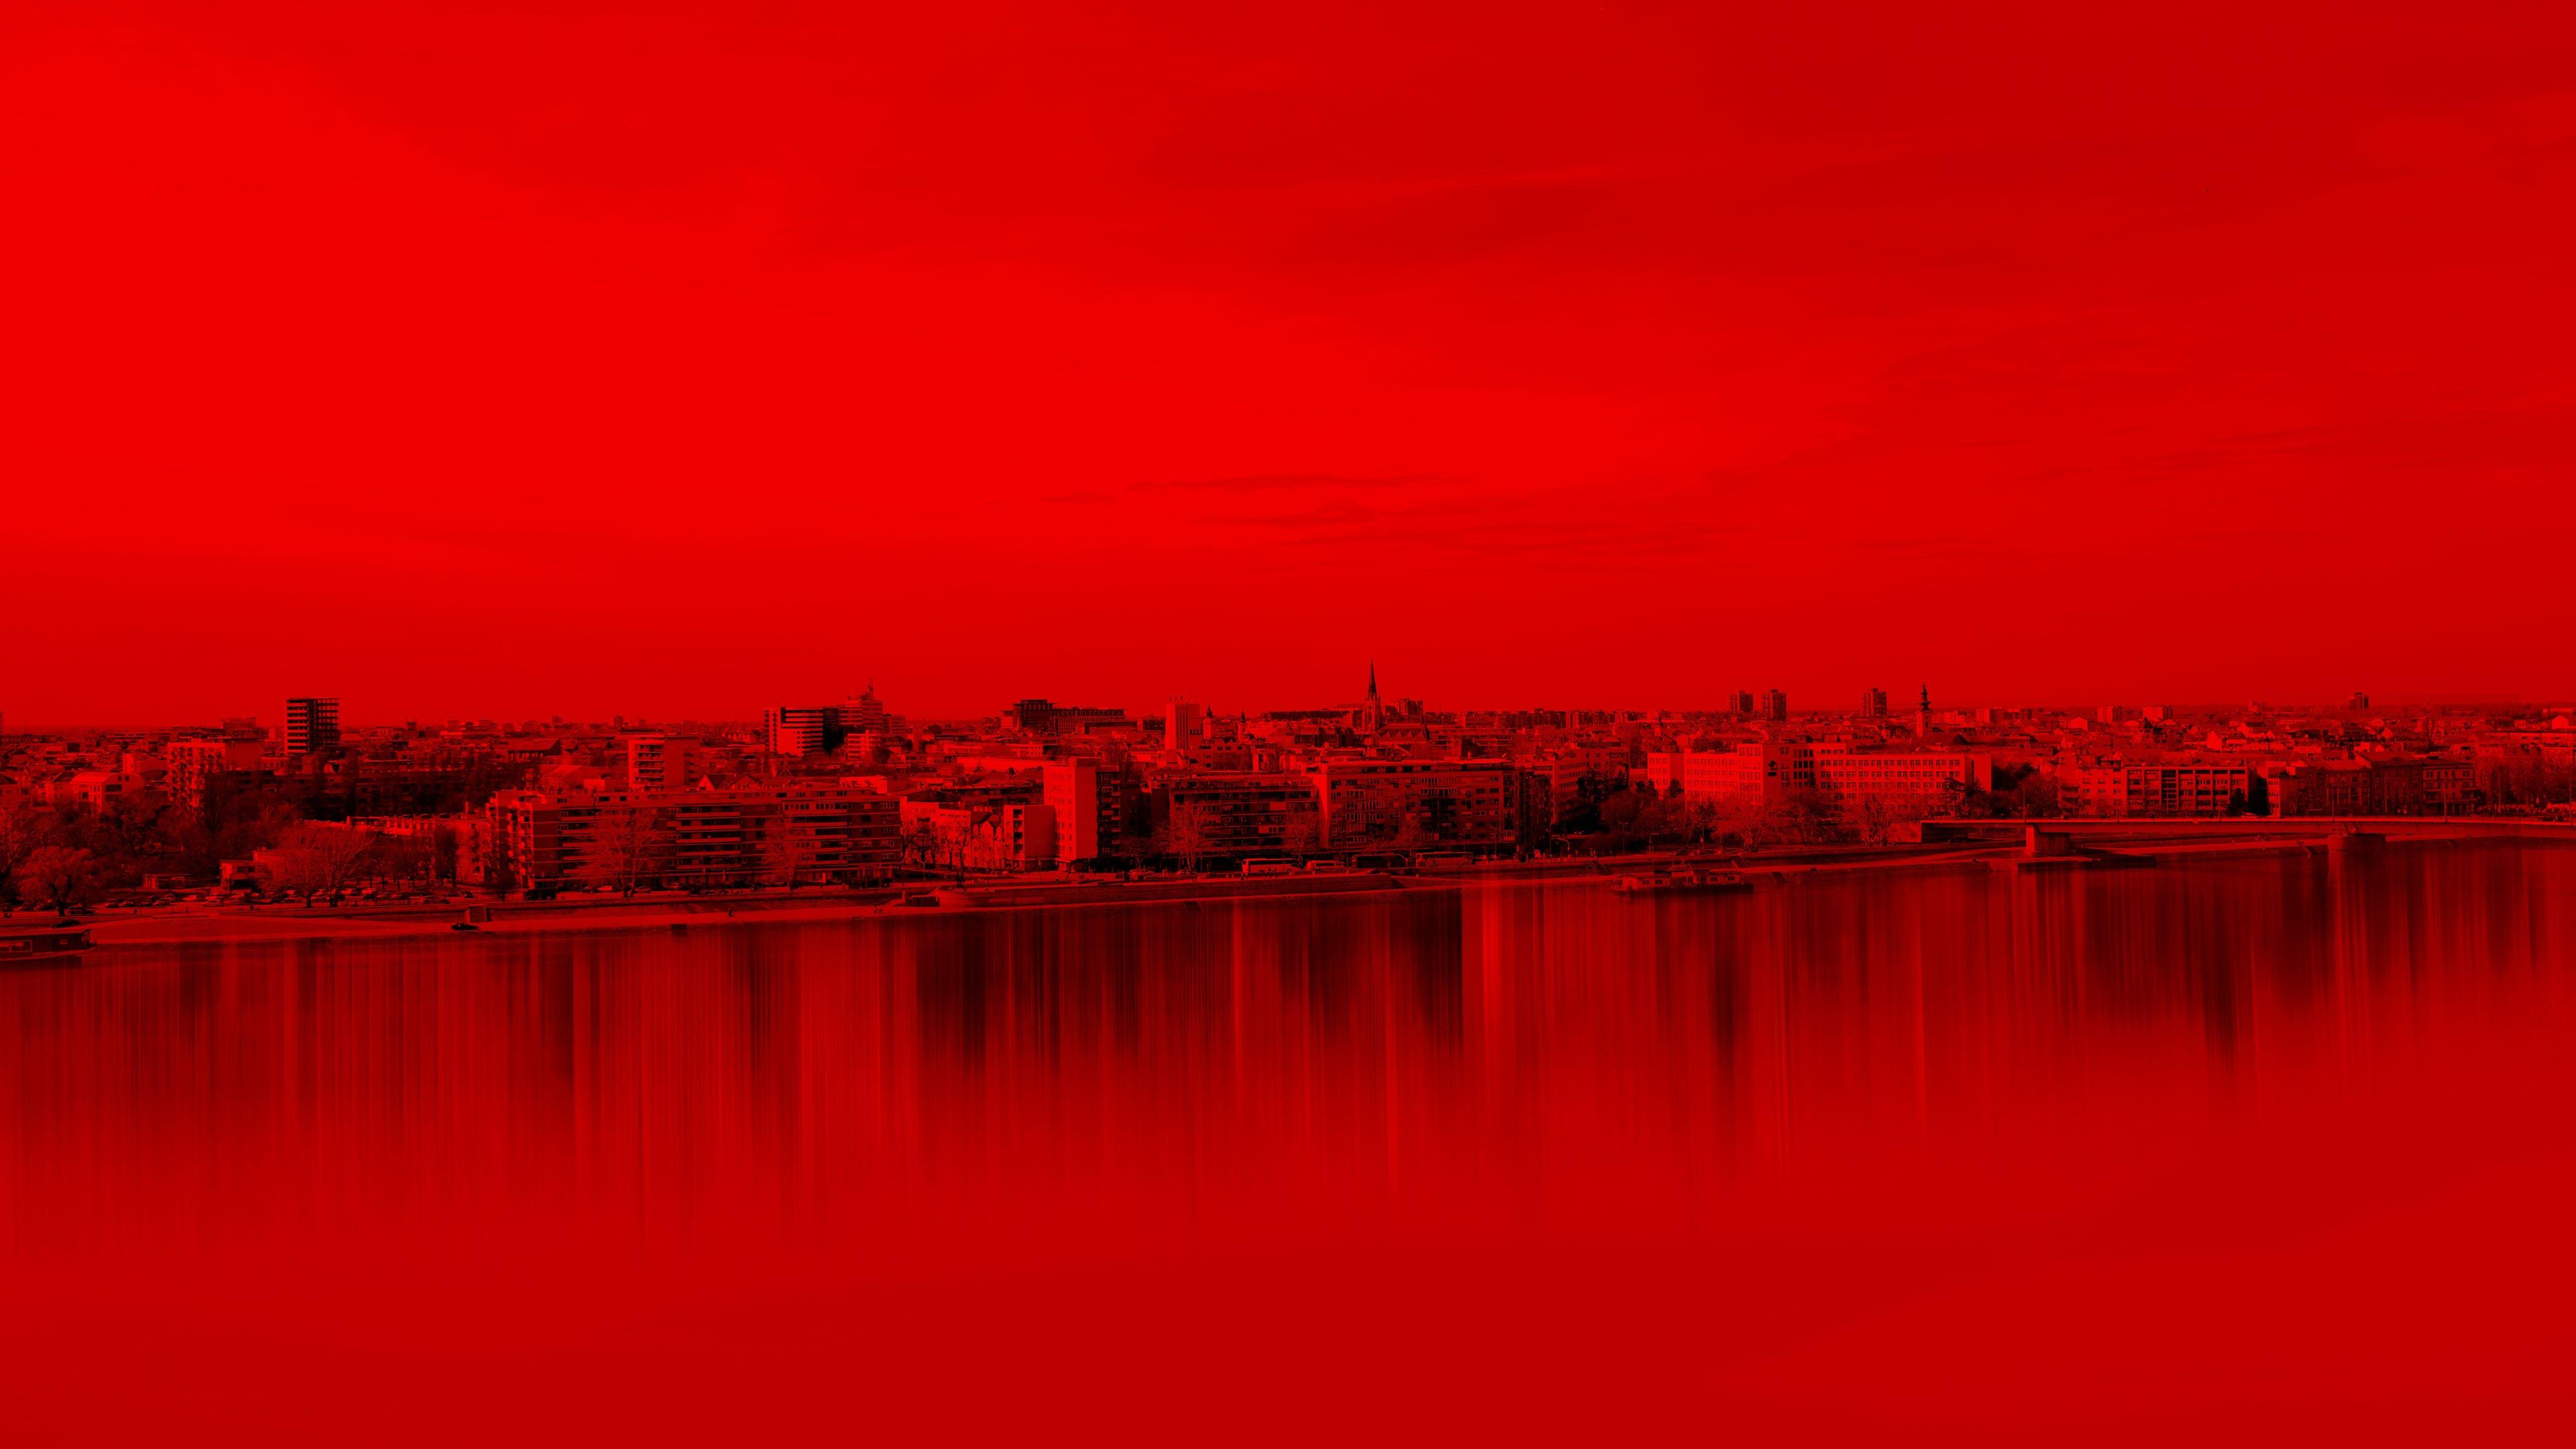 Ảnh nền màu đỏ buồn